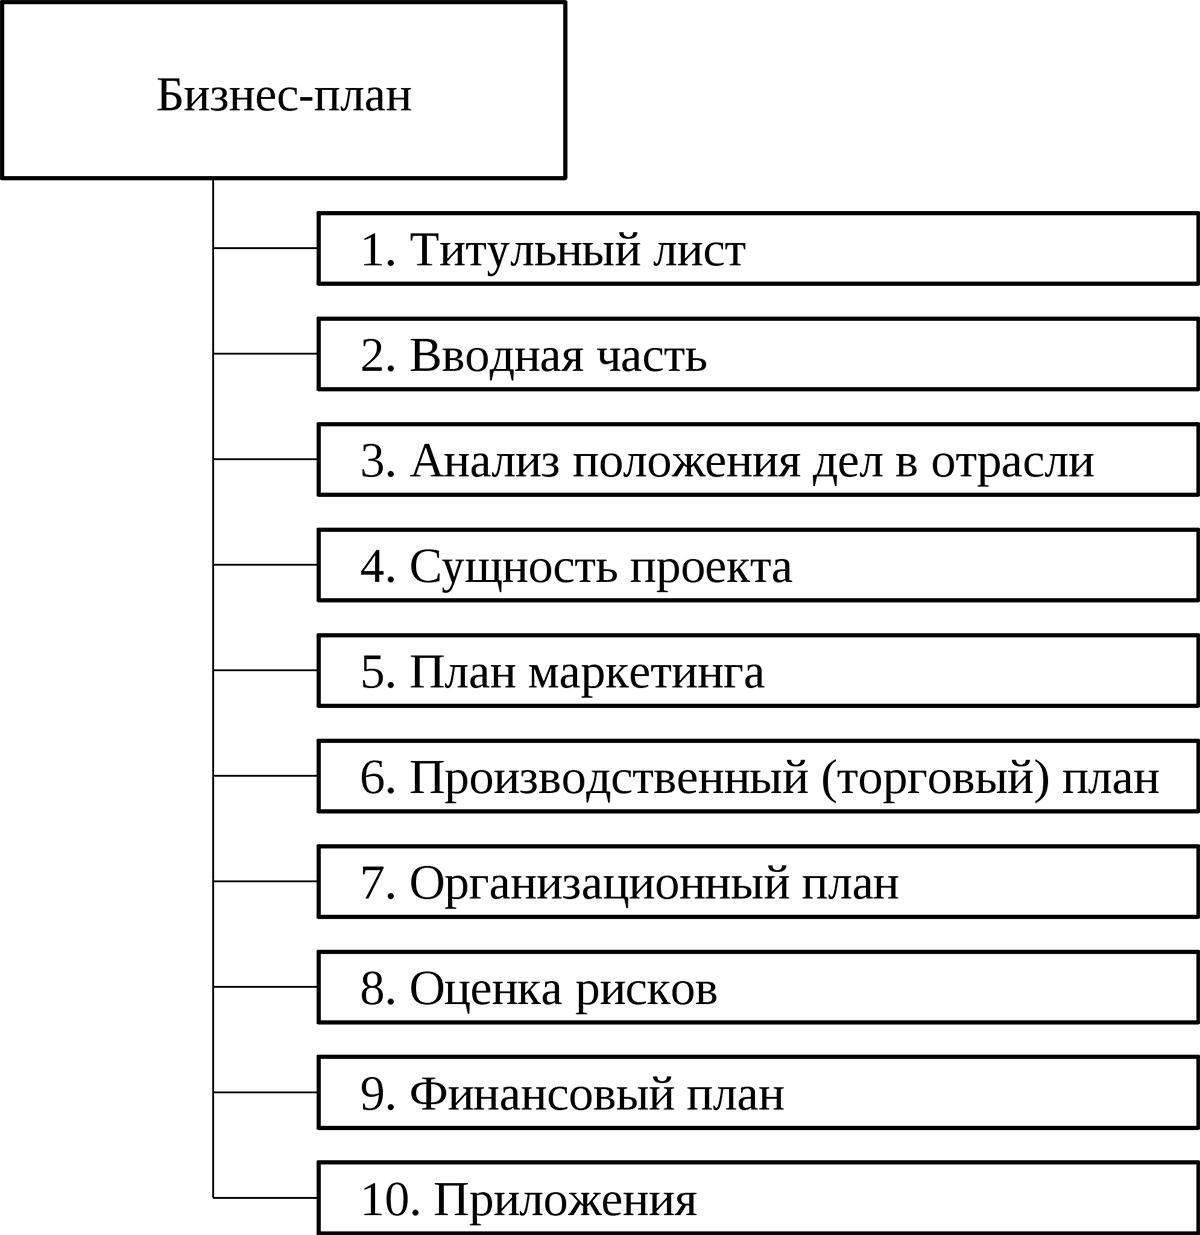 Нефть  Википедия